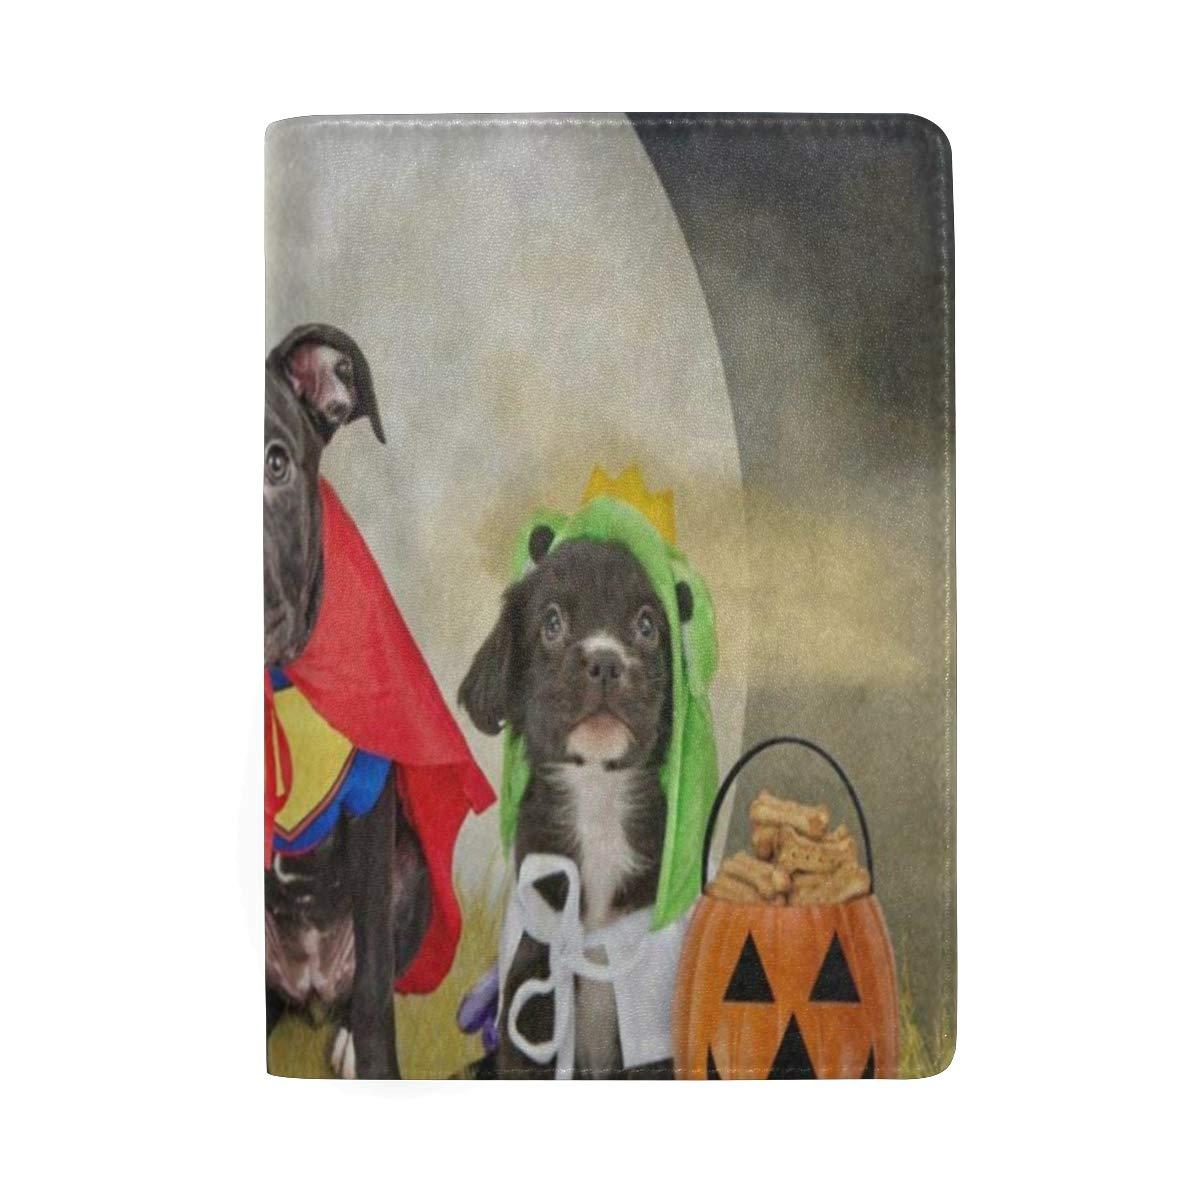 Passport Holder Hipster Puppy Dog Dressed In Halloween Costumes Passport Cover Case Wallet Card Storage Organizer for Men Women Kids